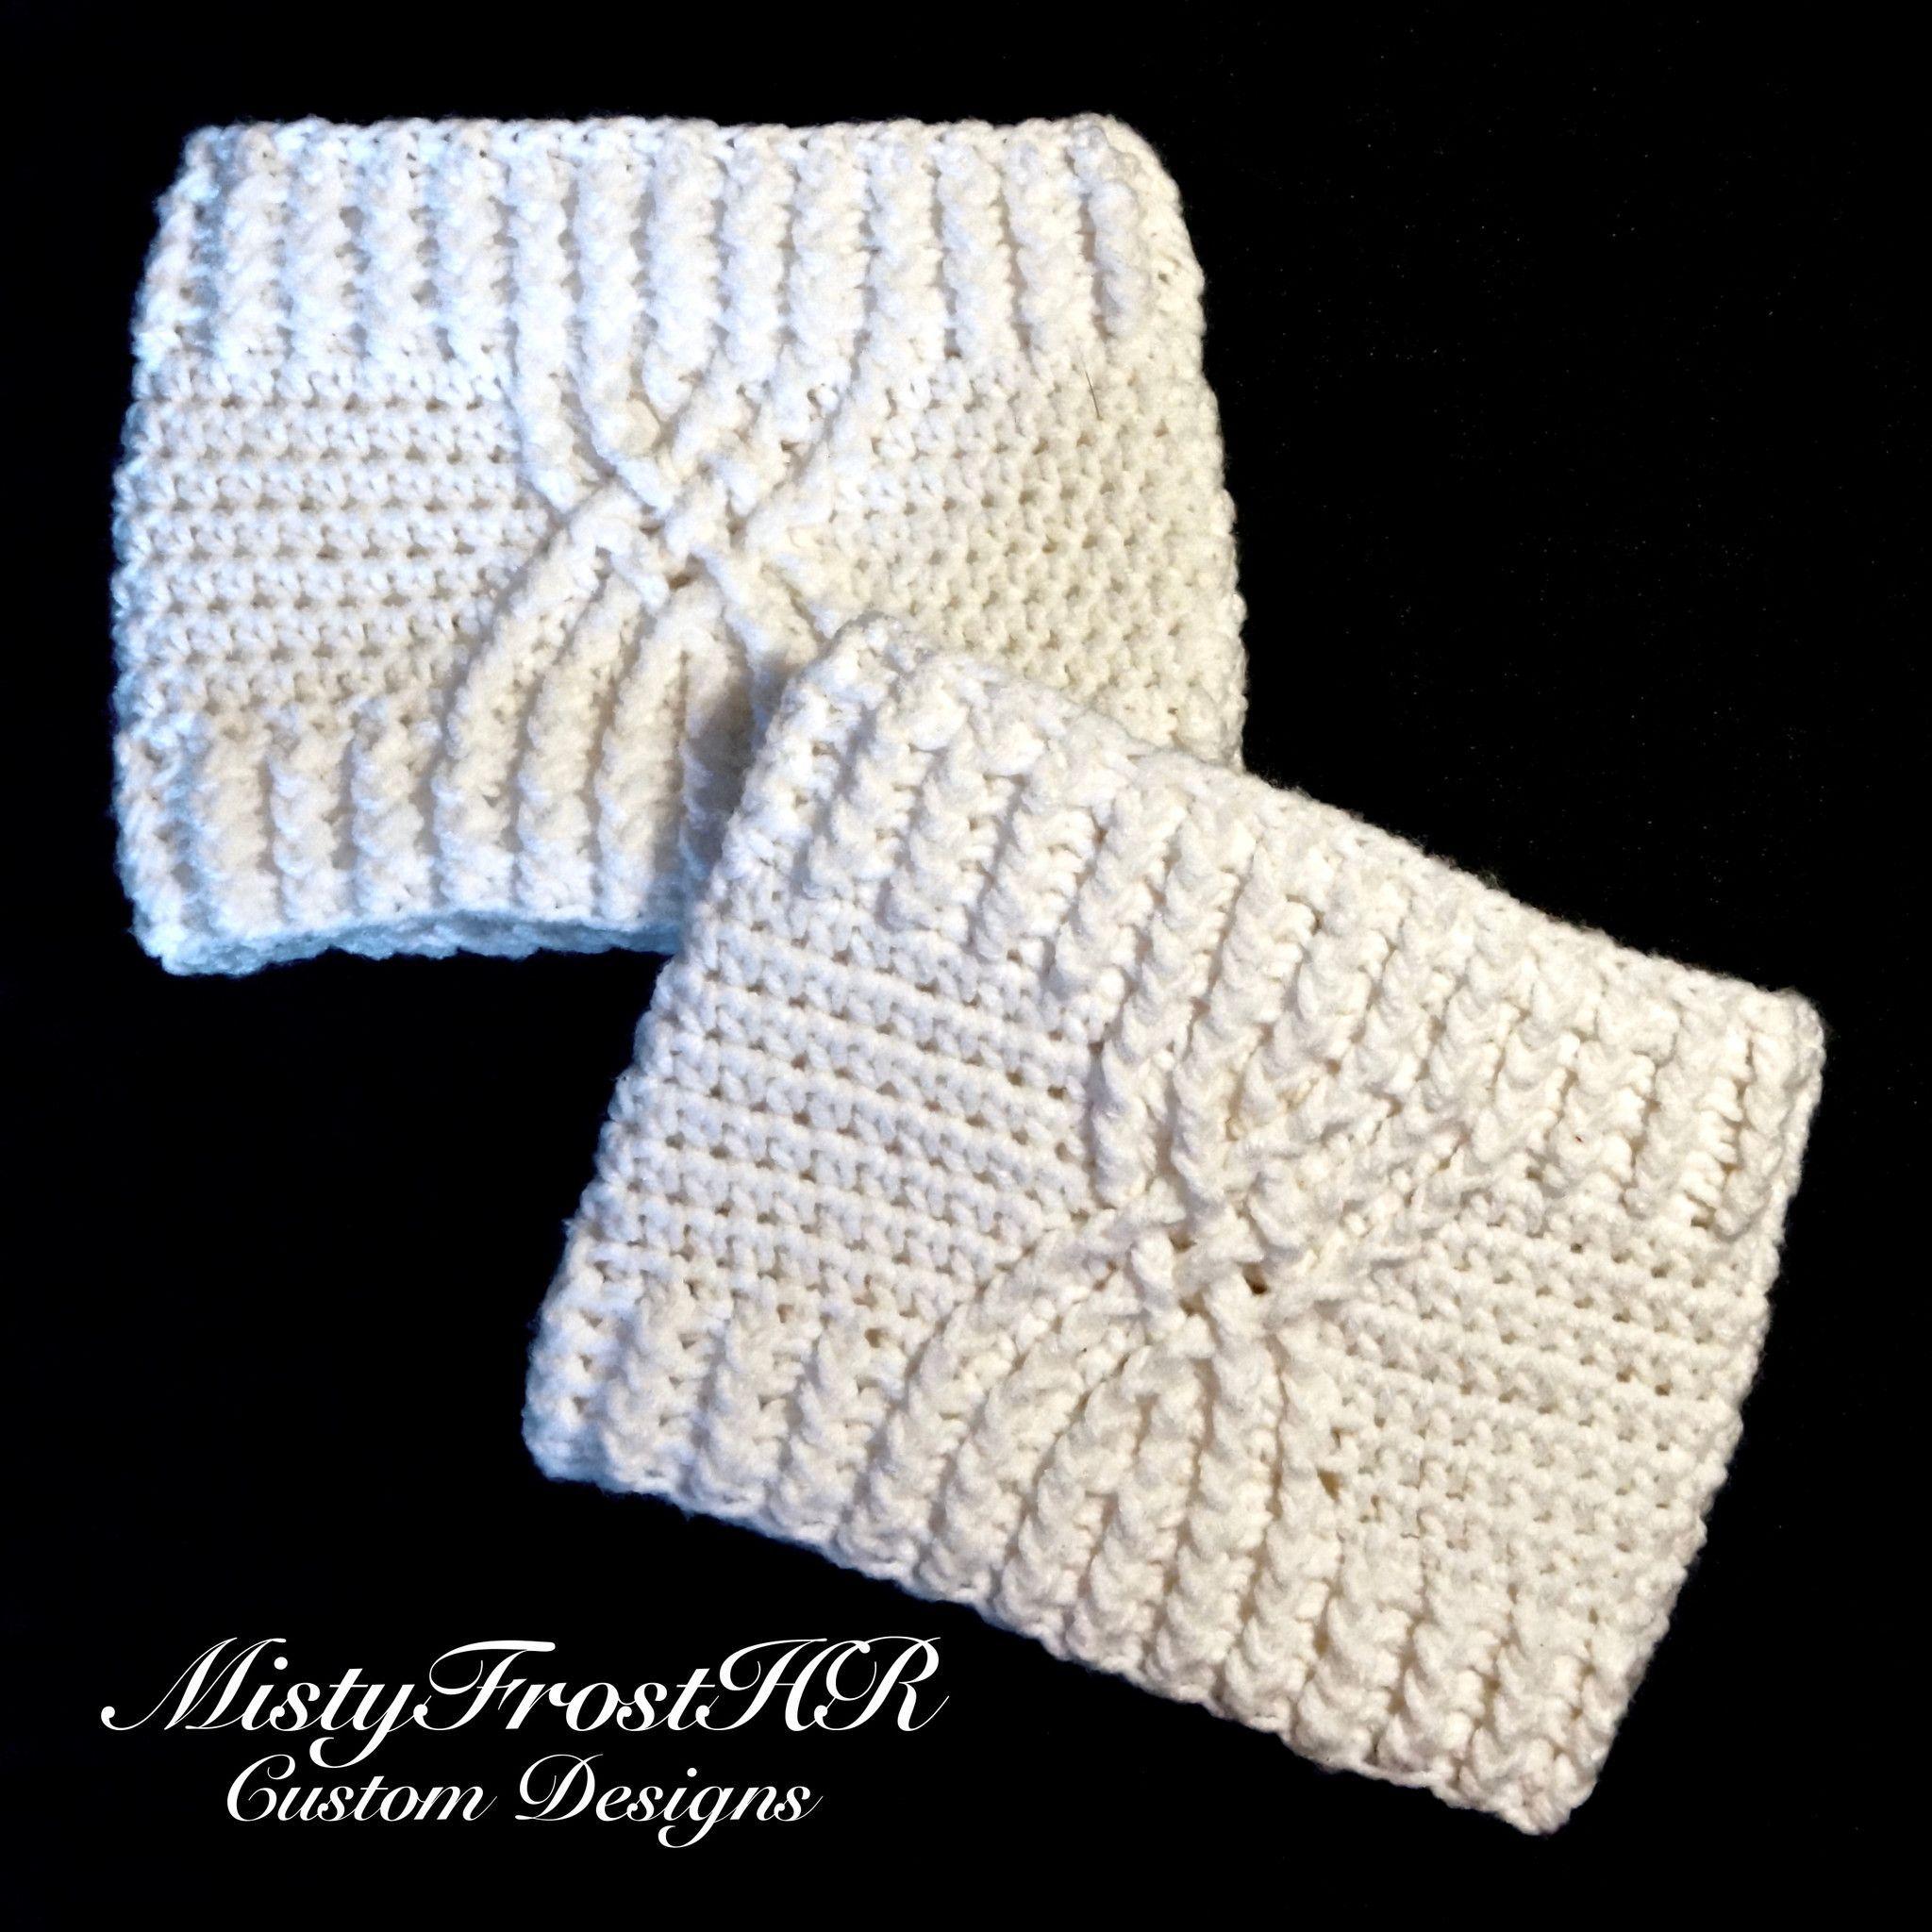 Vistoso Patrones De Arranque De Crochet Libre Embellecimiento ...